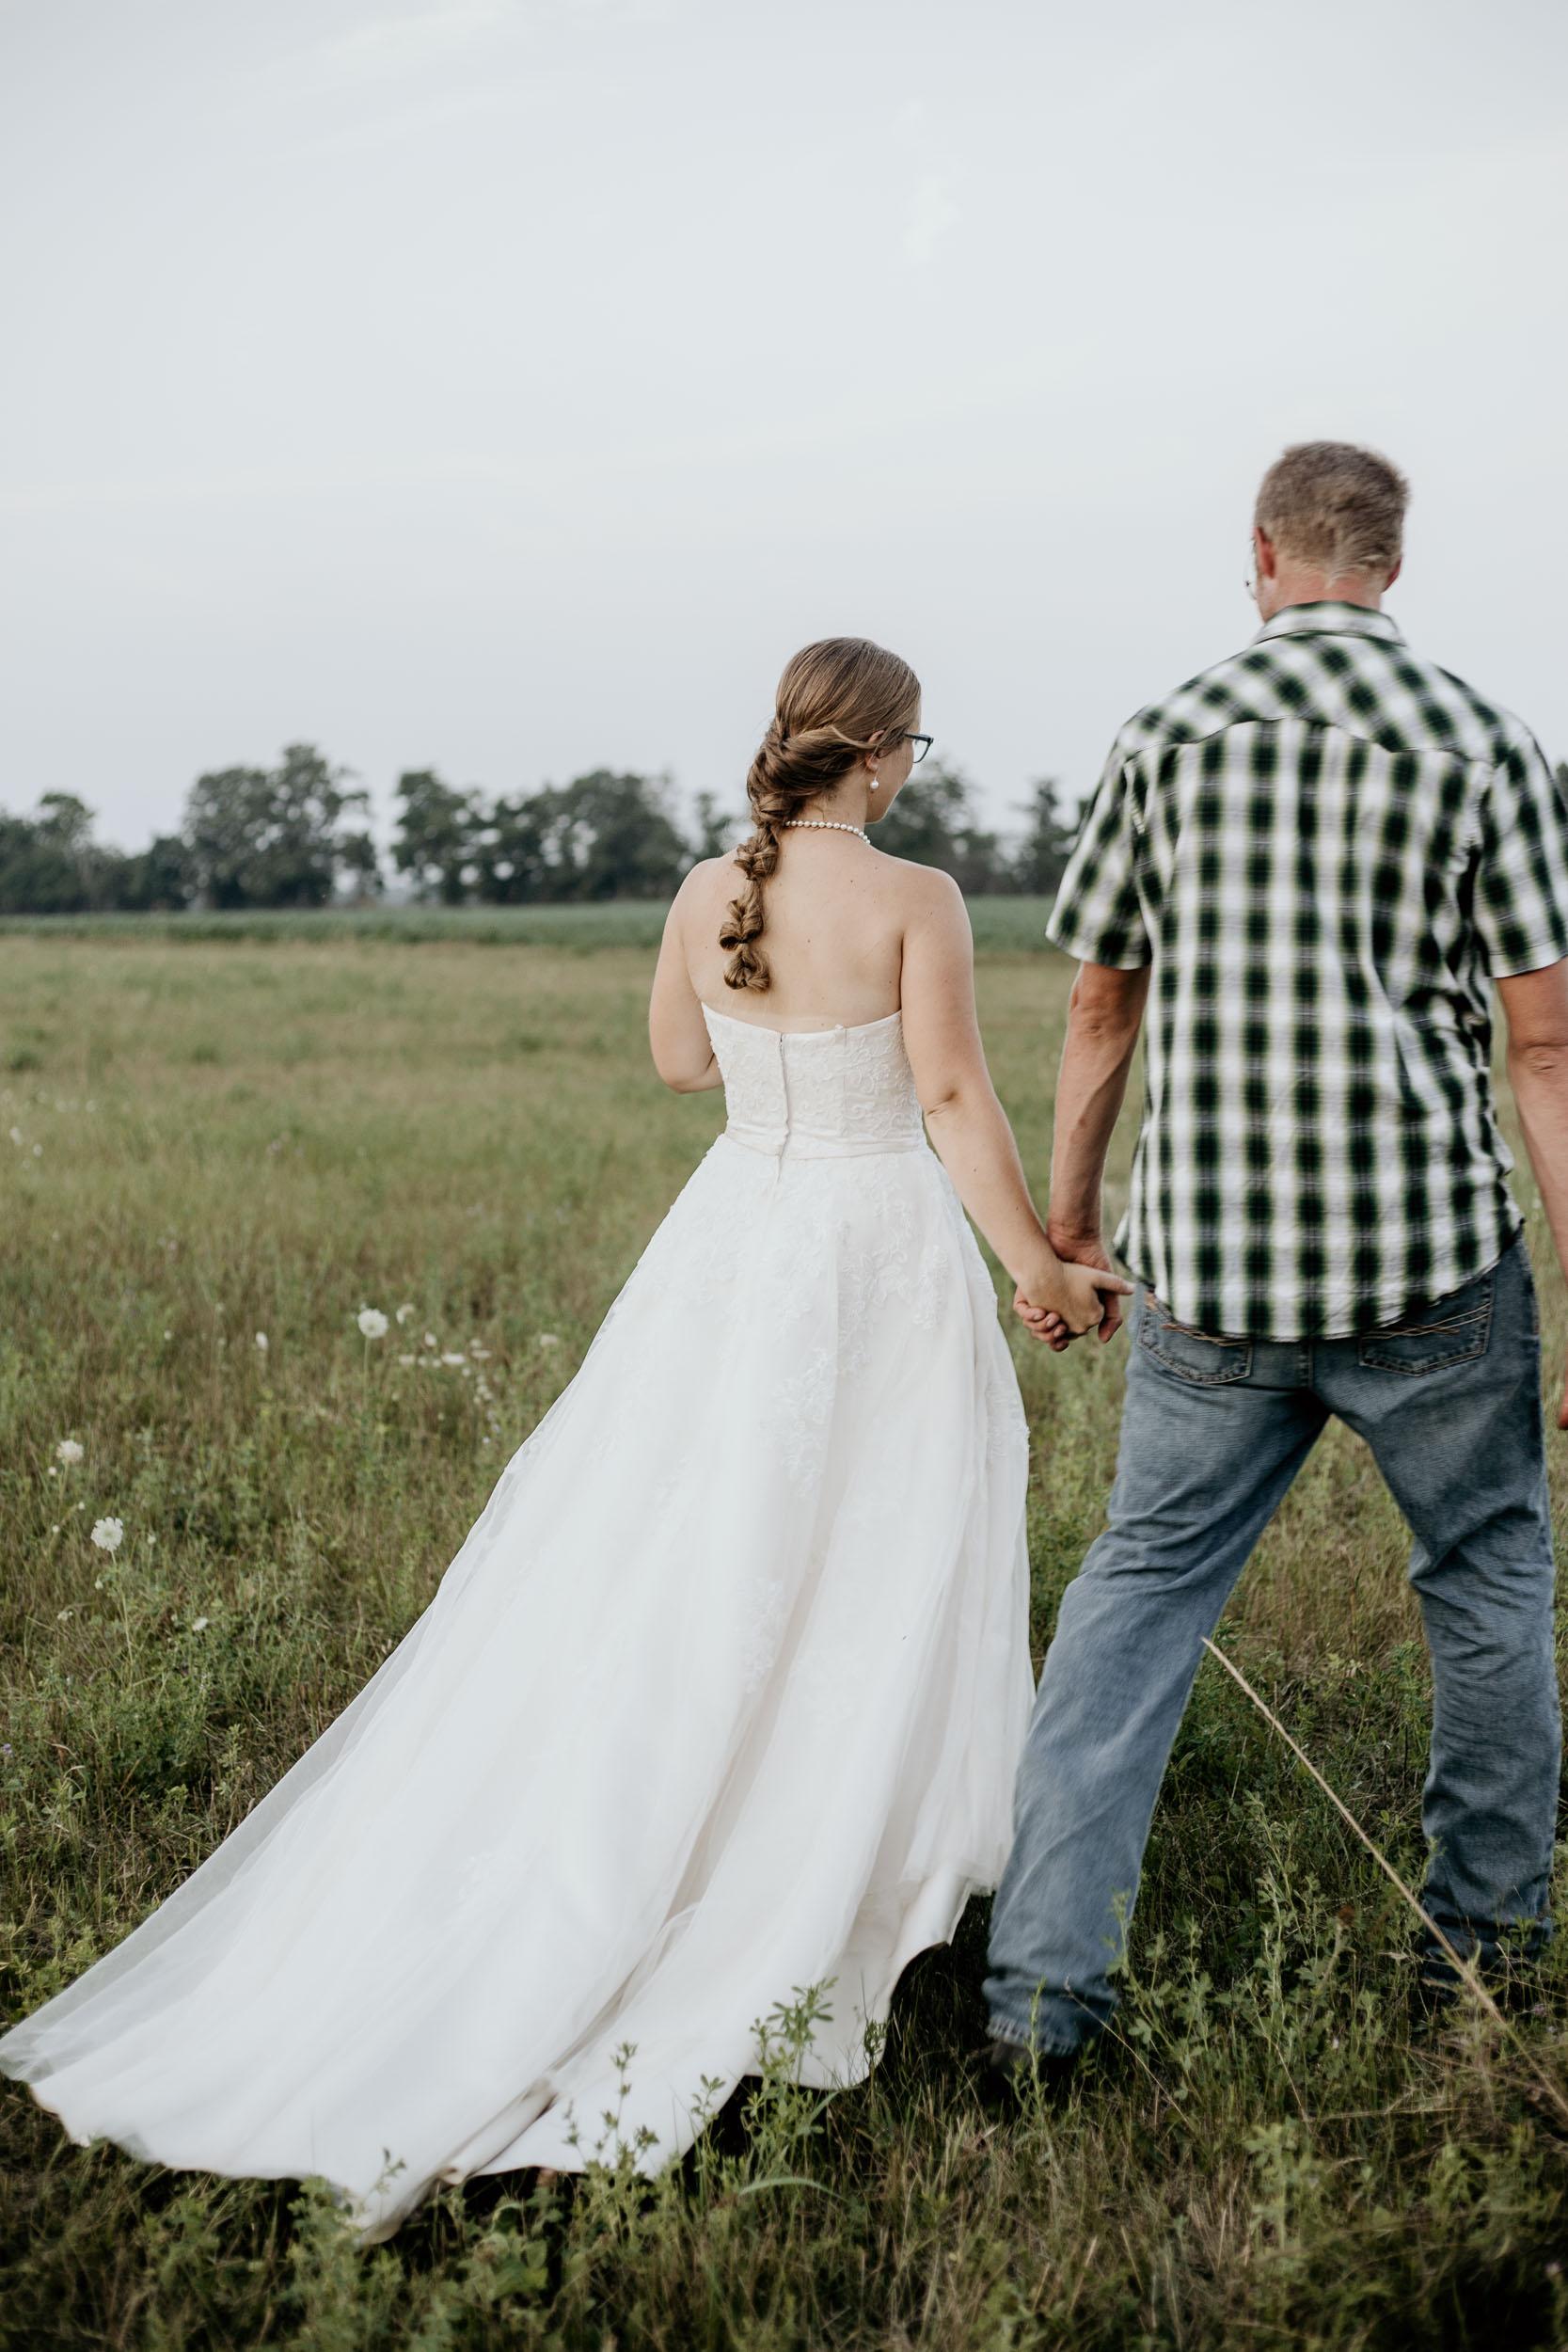 intimate-wedding-elopement-photographer-ottawa-joshua-tree-3208.jpg